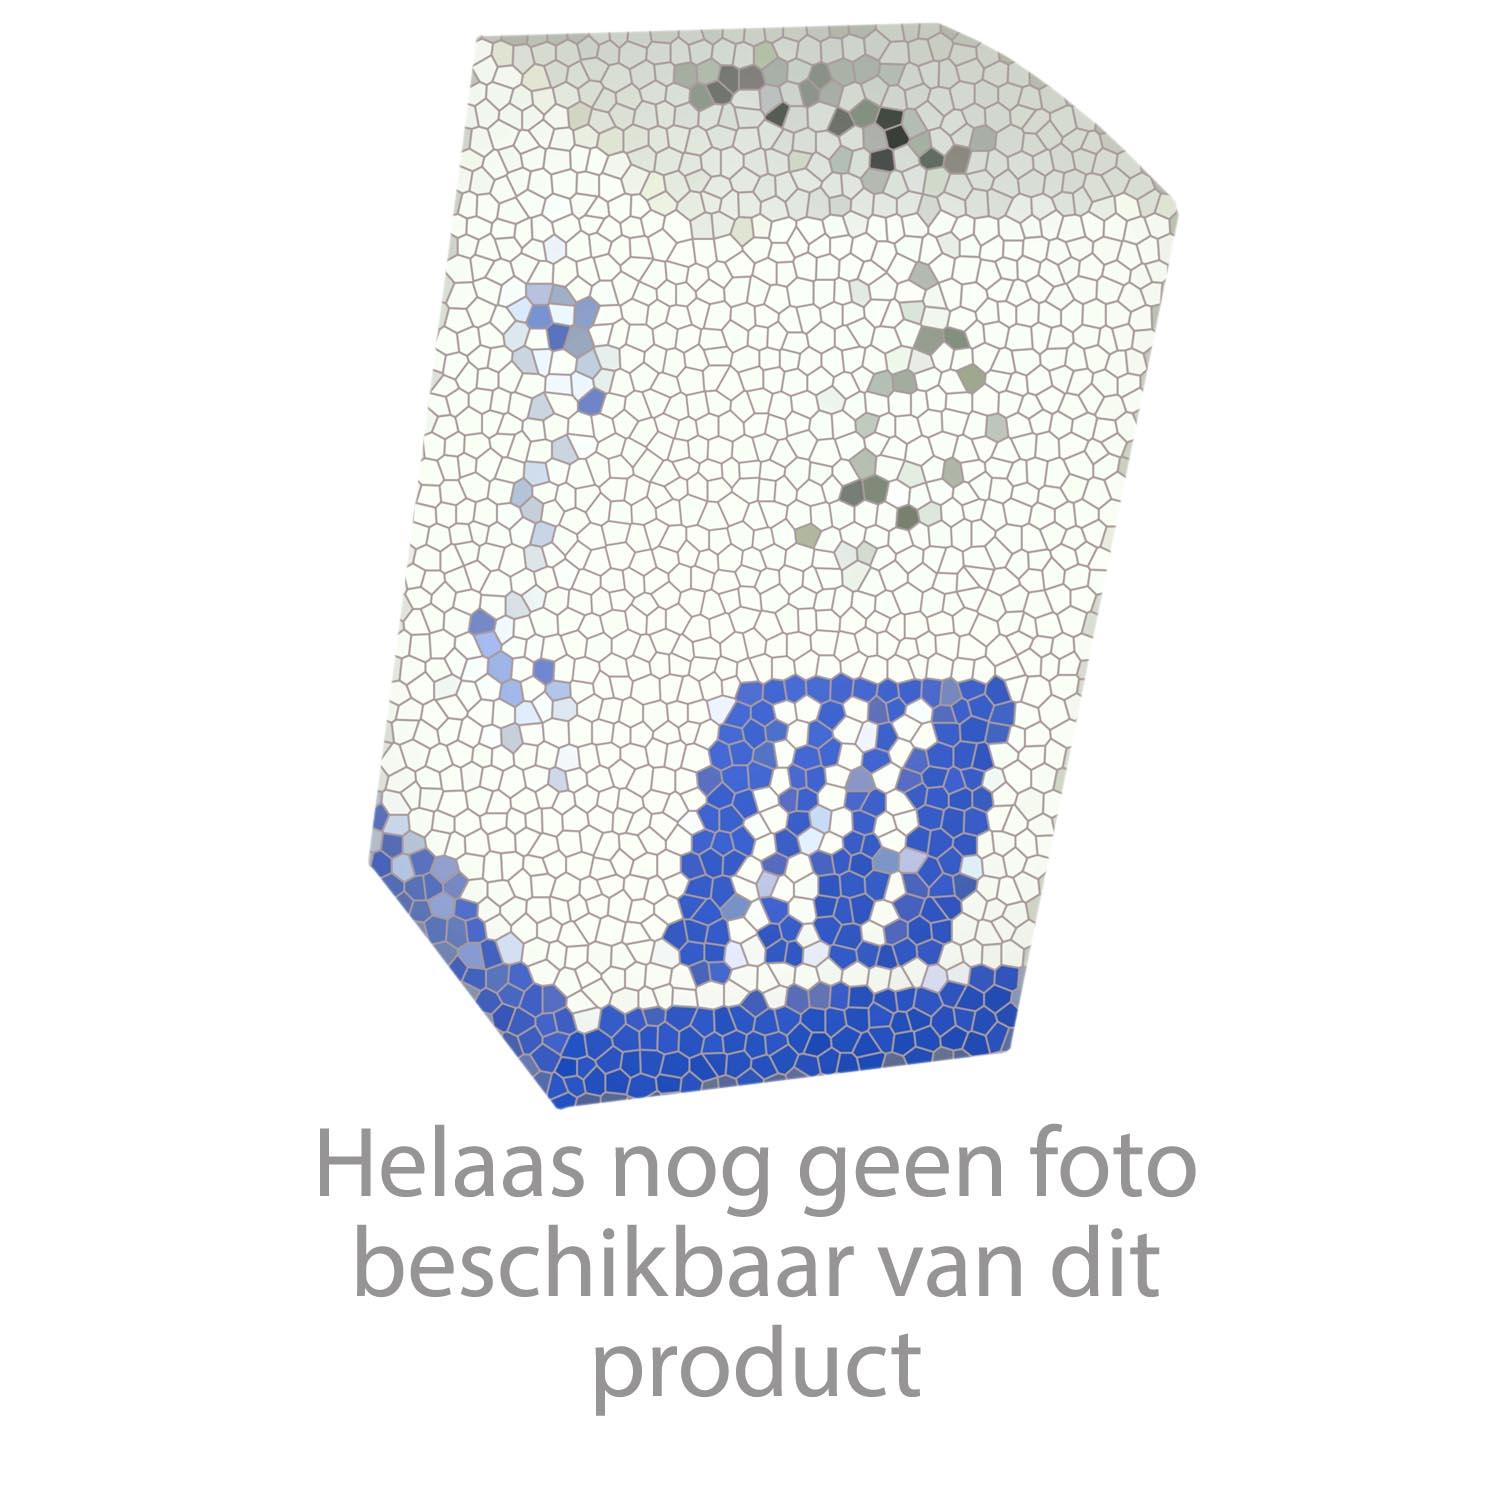 HansGrohe Keukenmengkranen Allegra Variarc productiejaar > 05/02 14871000 onderdelen